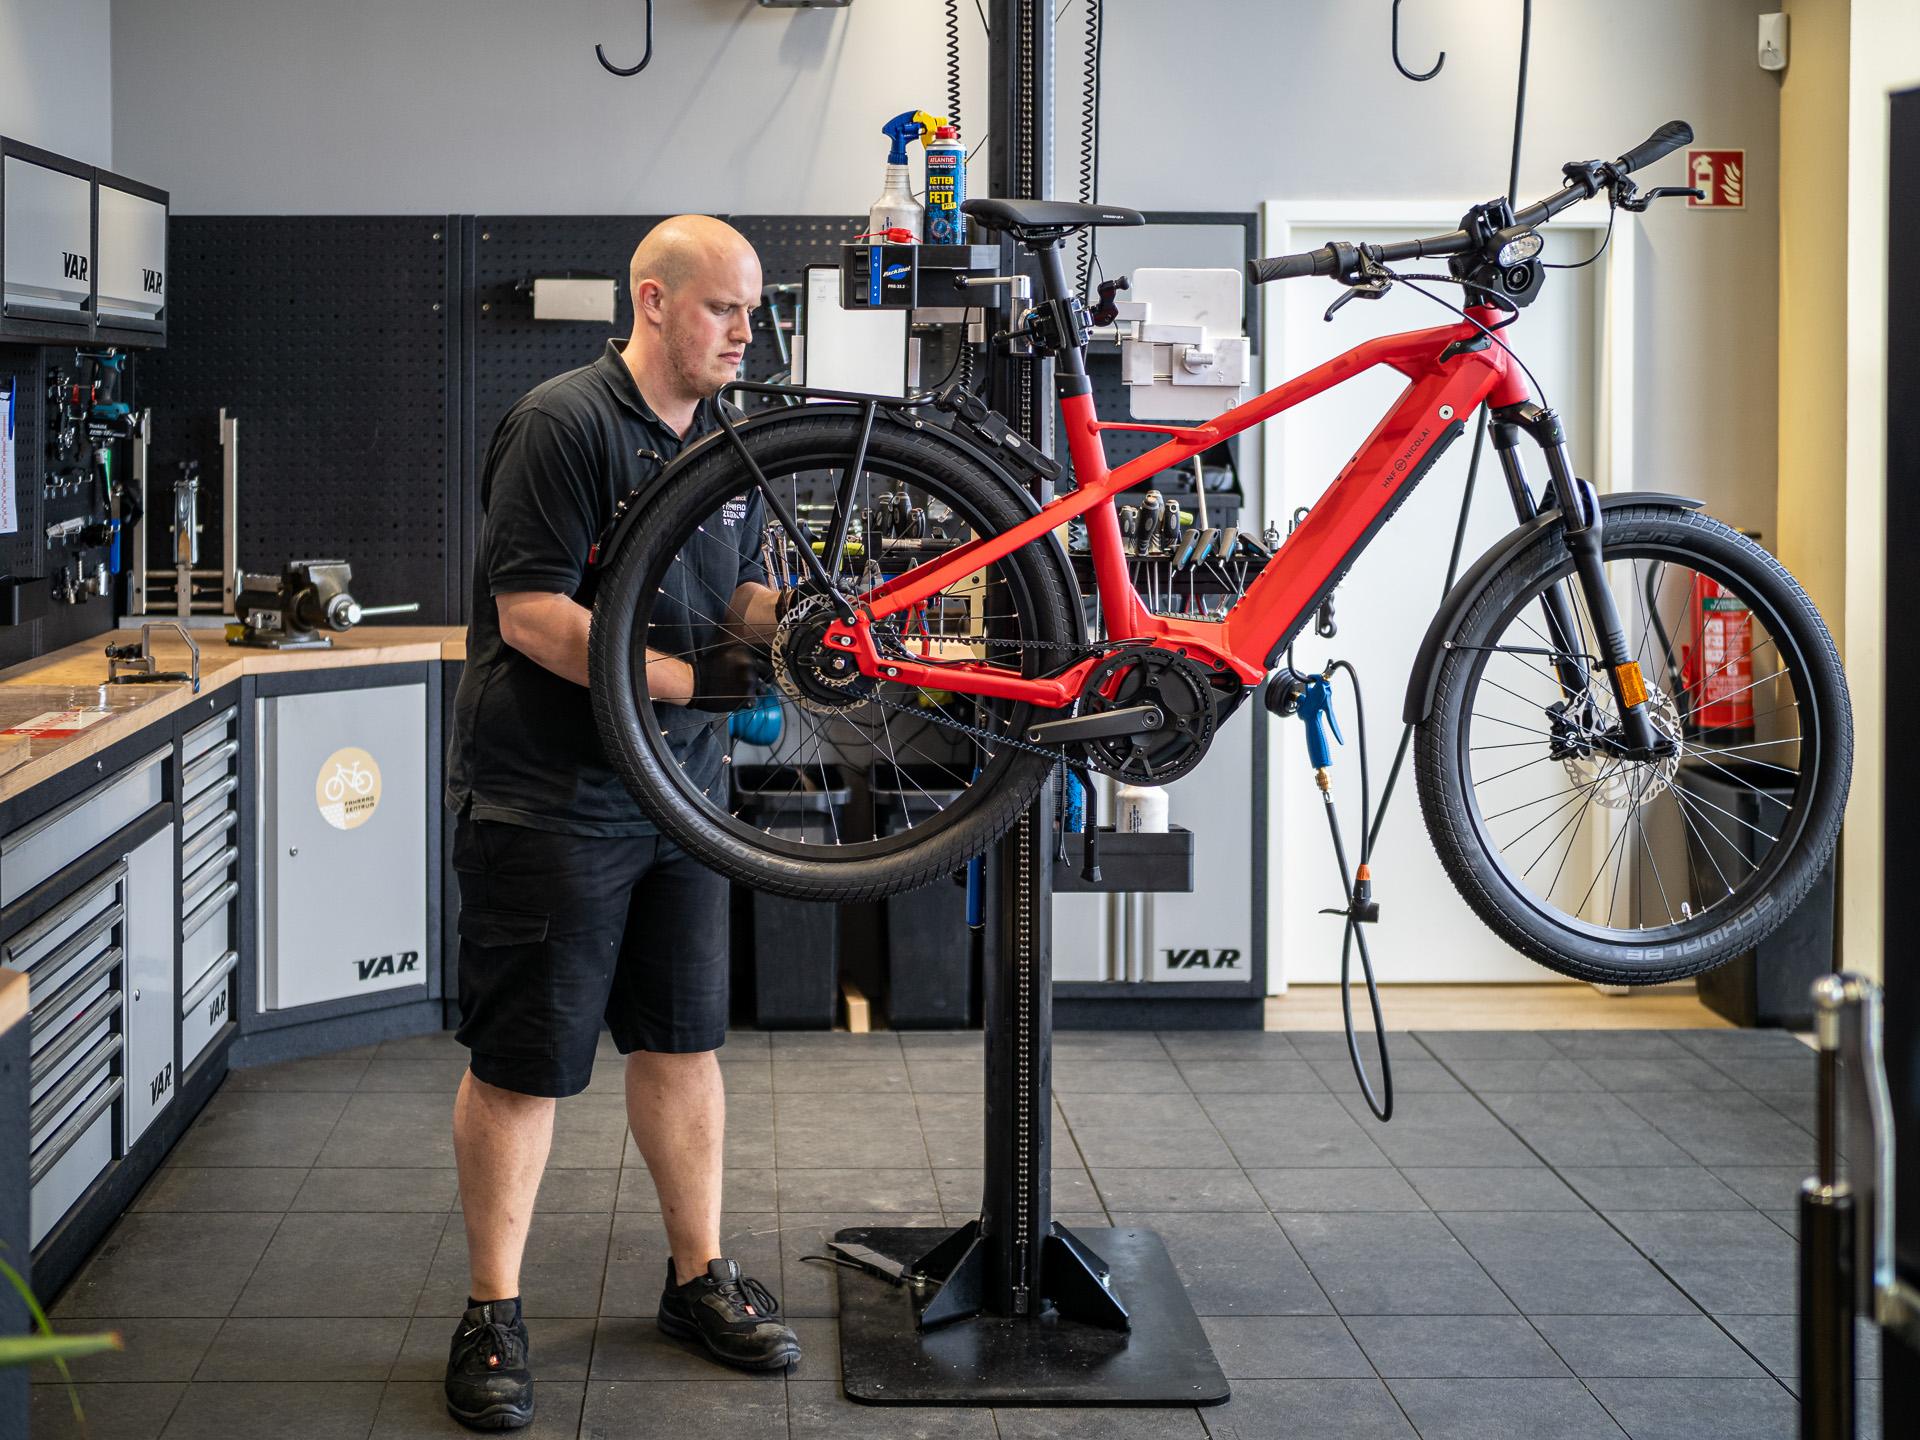 Fahrrad Reparatur Sylt